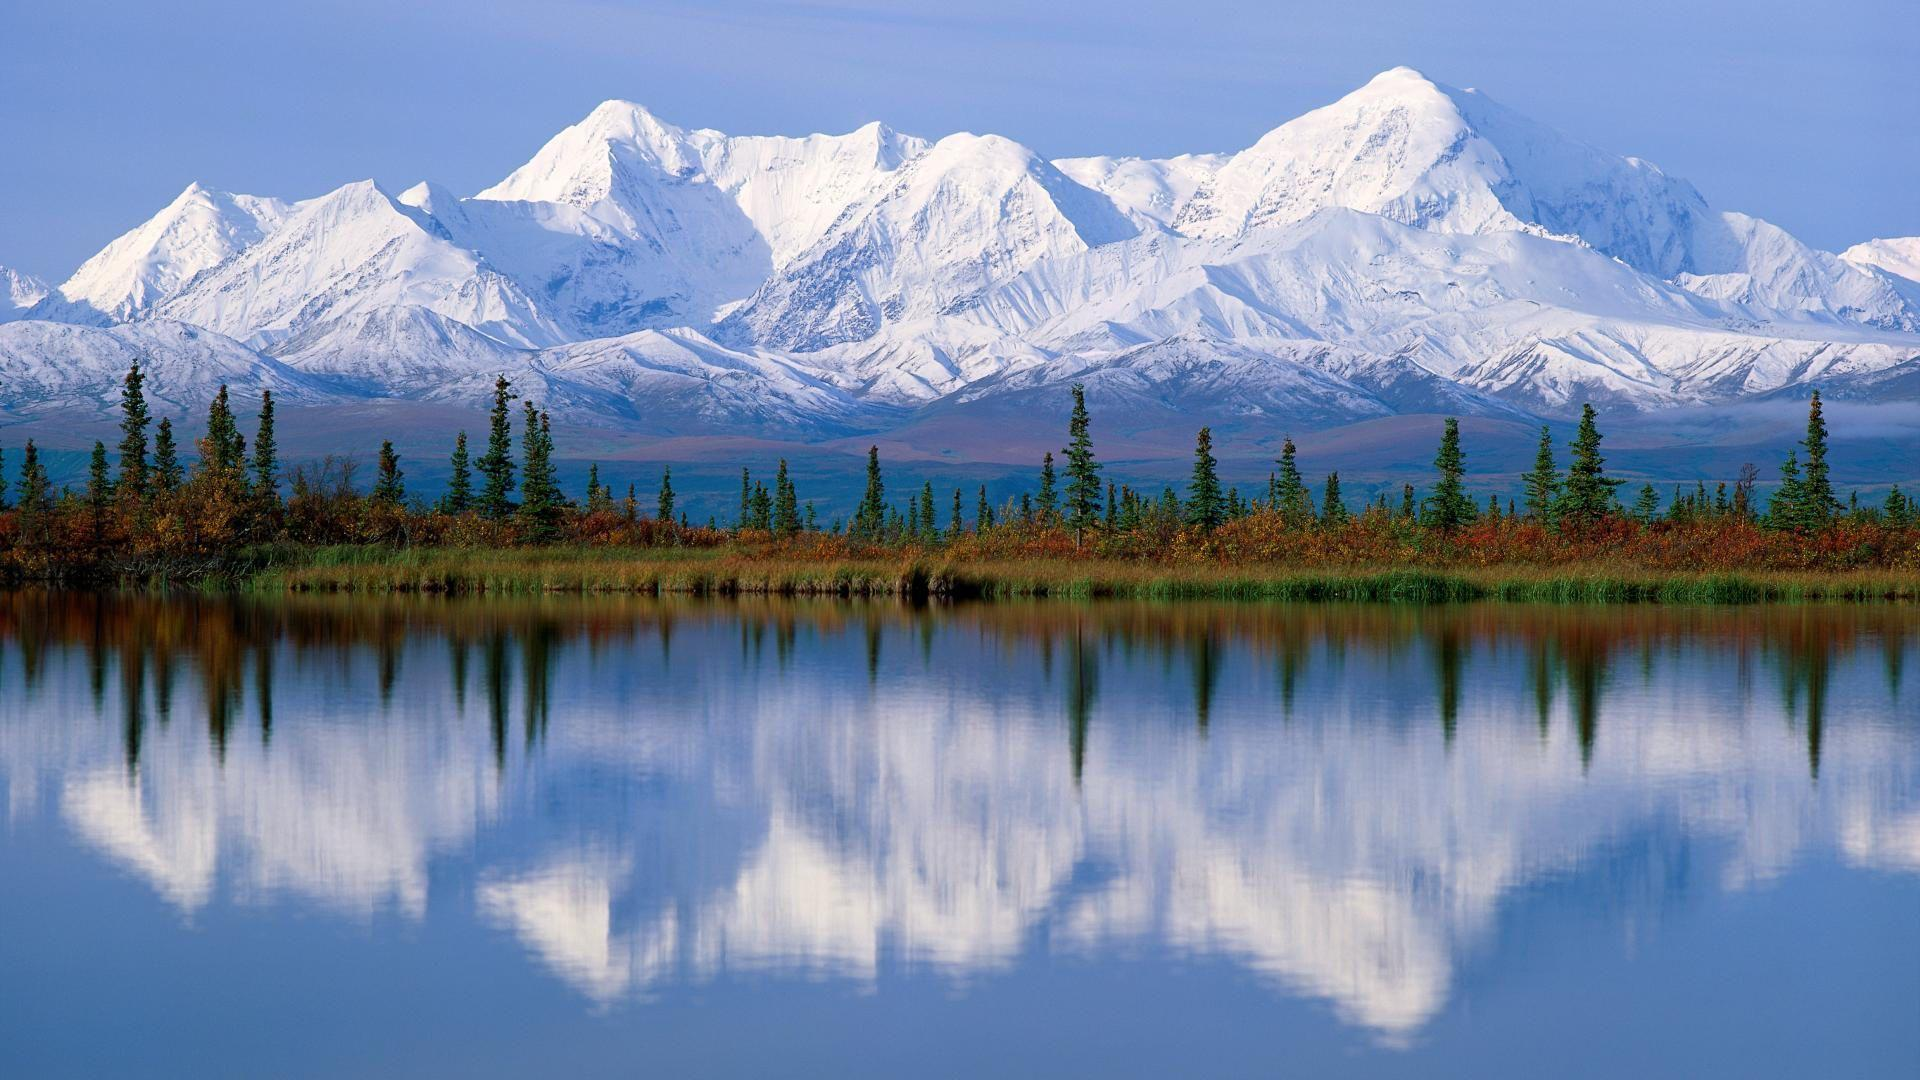 Alquiler de yates en Alaska. Alquiler de barcos baratos en Alaska. barcos baratos de alquiler en Alaska